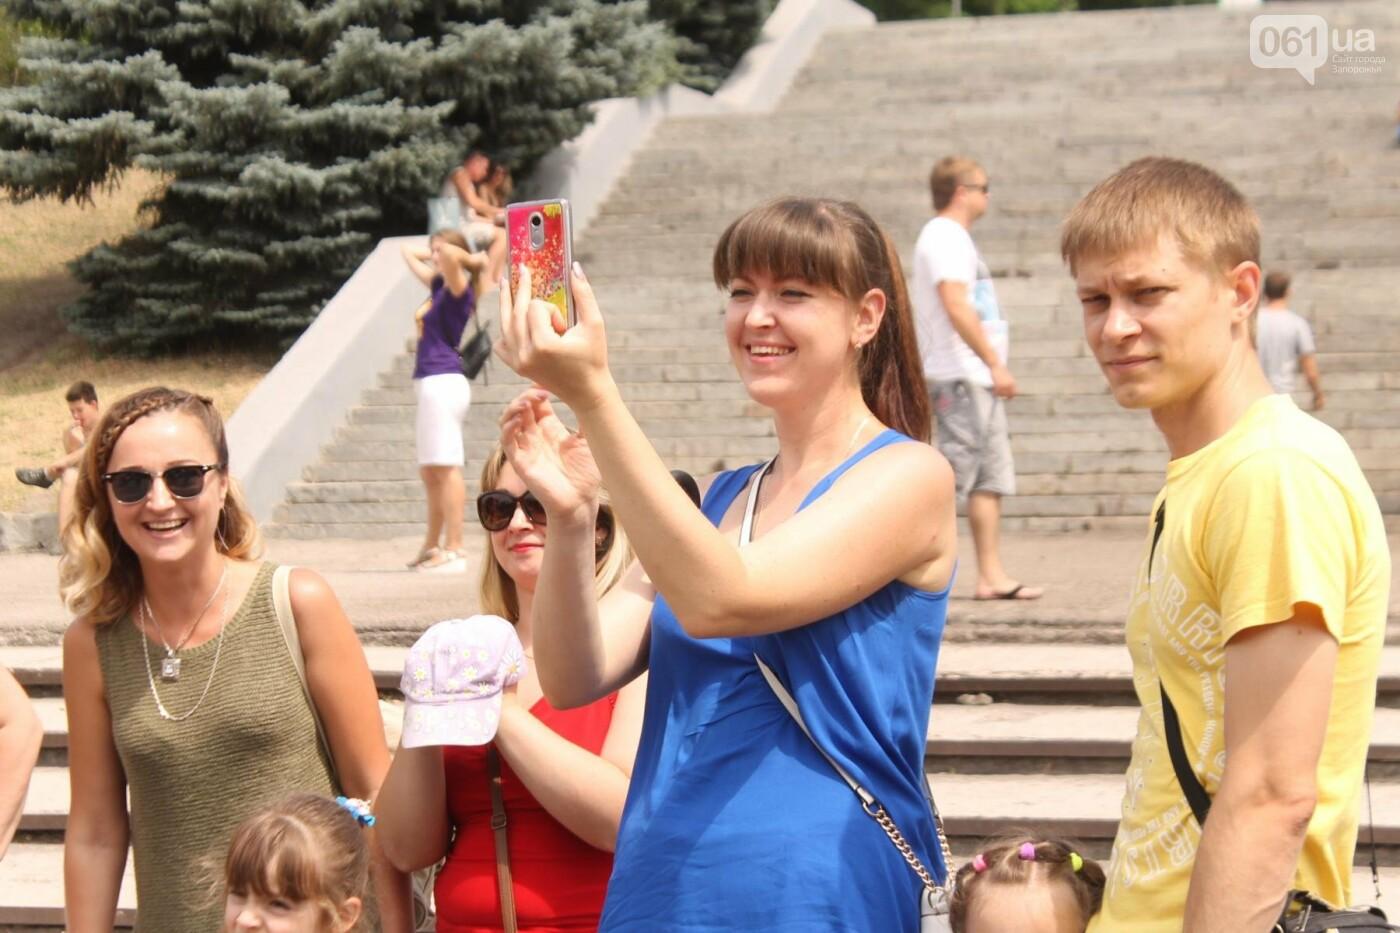 Фестиваль еды, концерты и развлечения: в Запорожье начался фестиваль ко Дню молодежи, – ФОТОРЕПОРТАЖ, фото-3